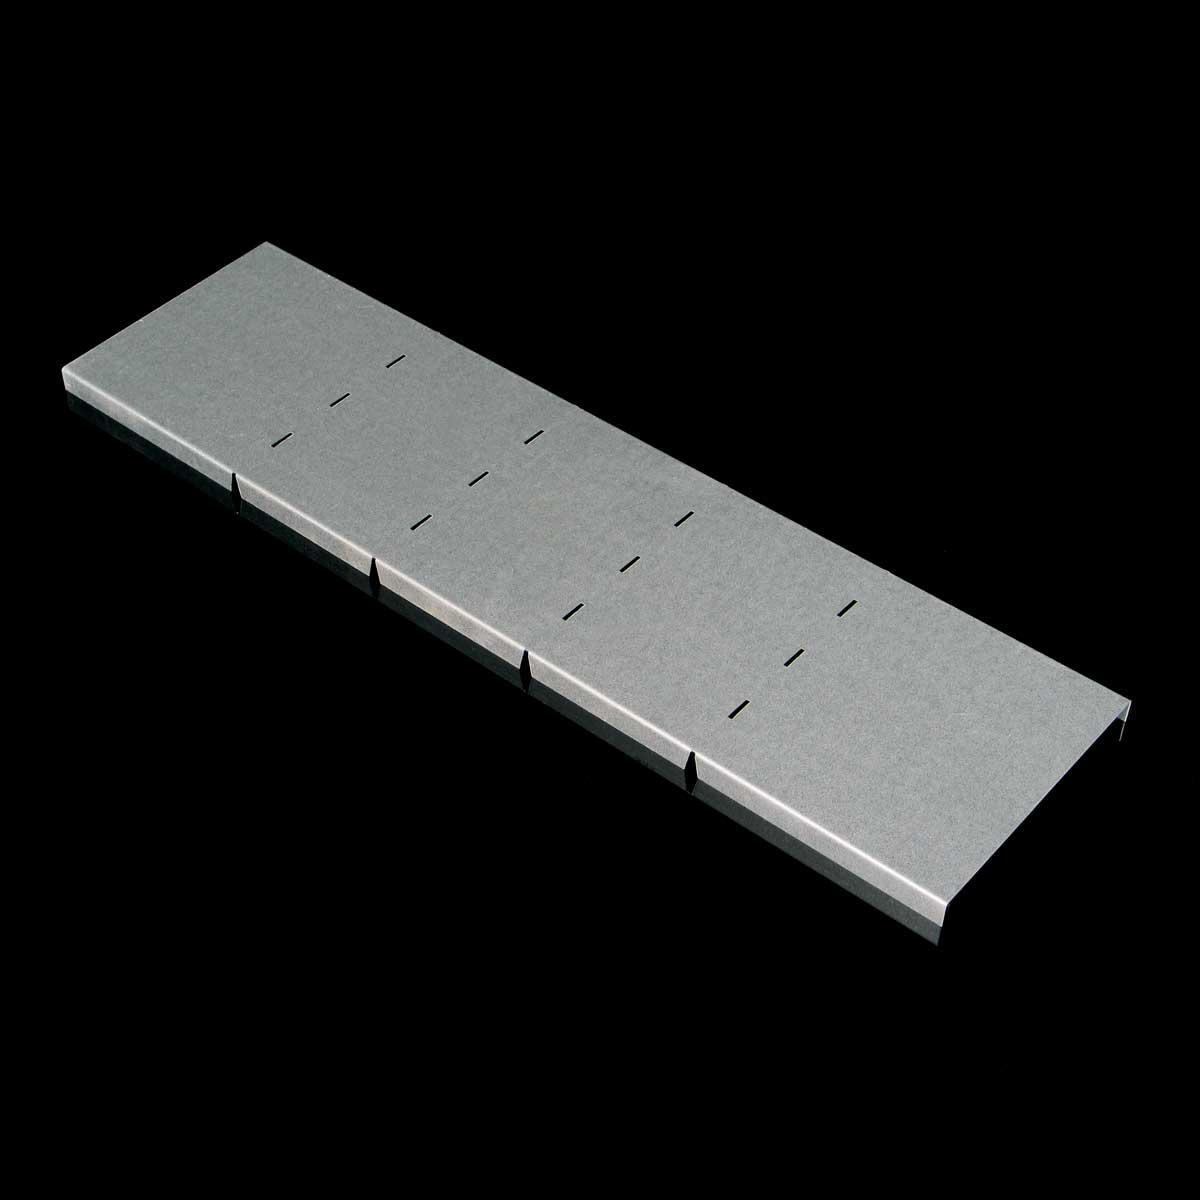 Кришка вертикального повороту зовнішнього 90° JUPITER; розміри-60x75x245mm Товщ. метал-0,6 Вага-0,18кг/м